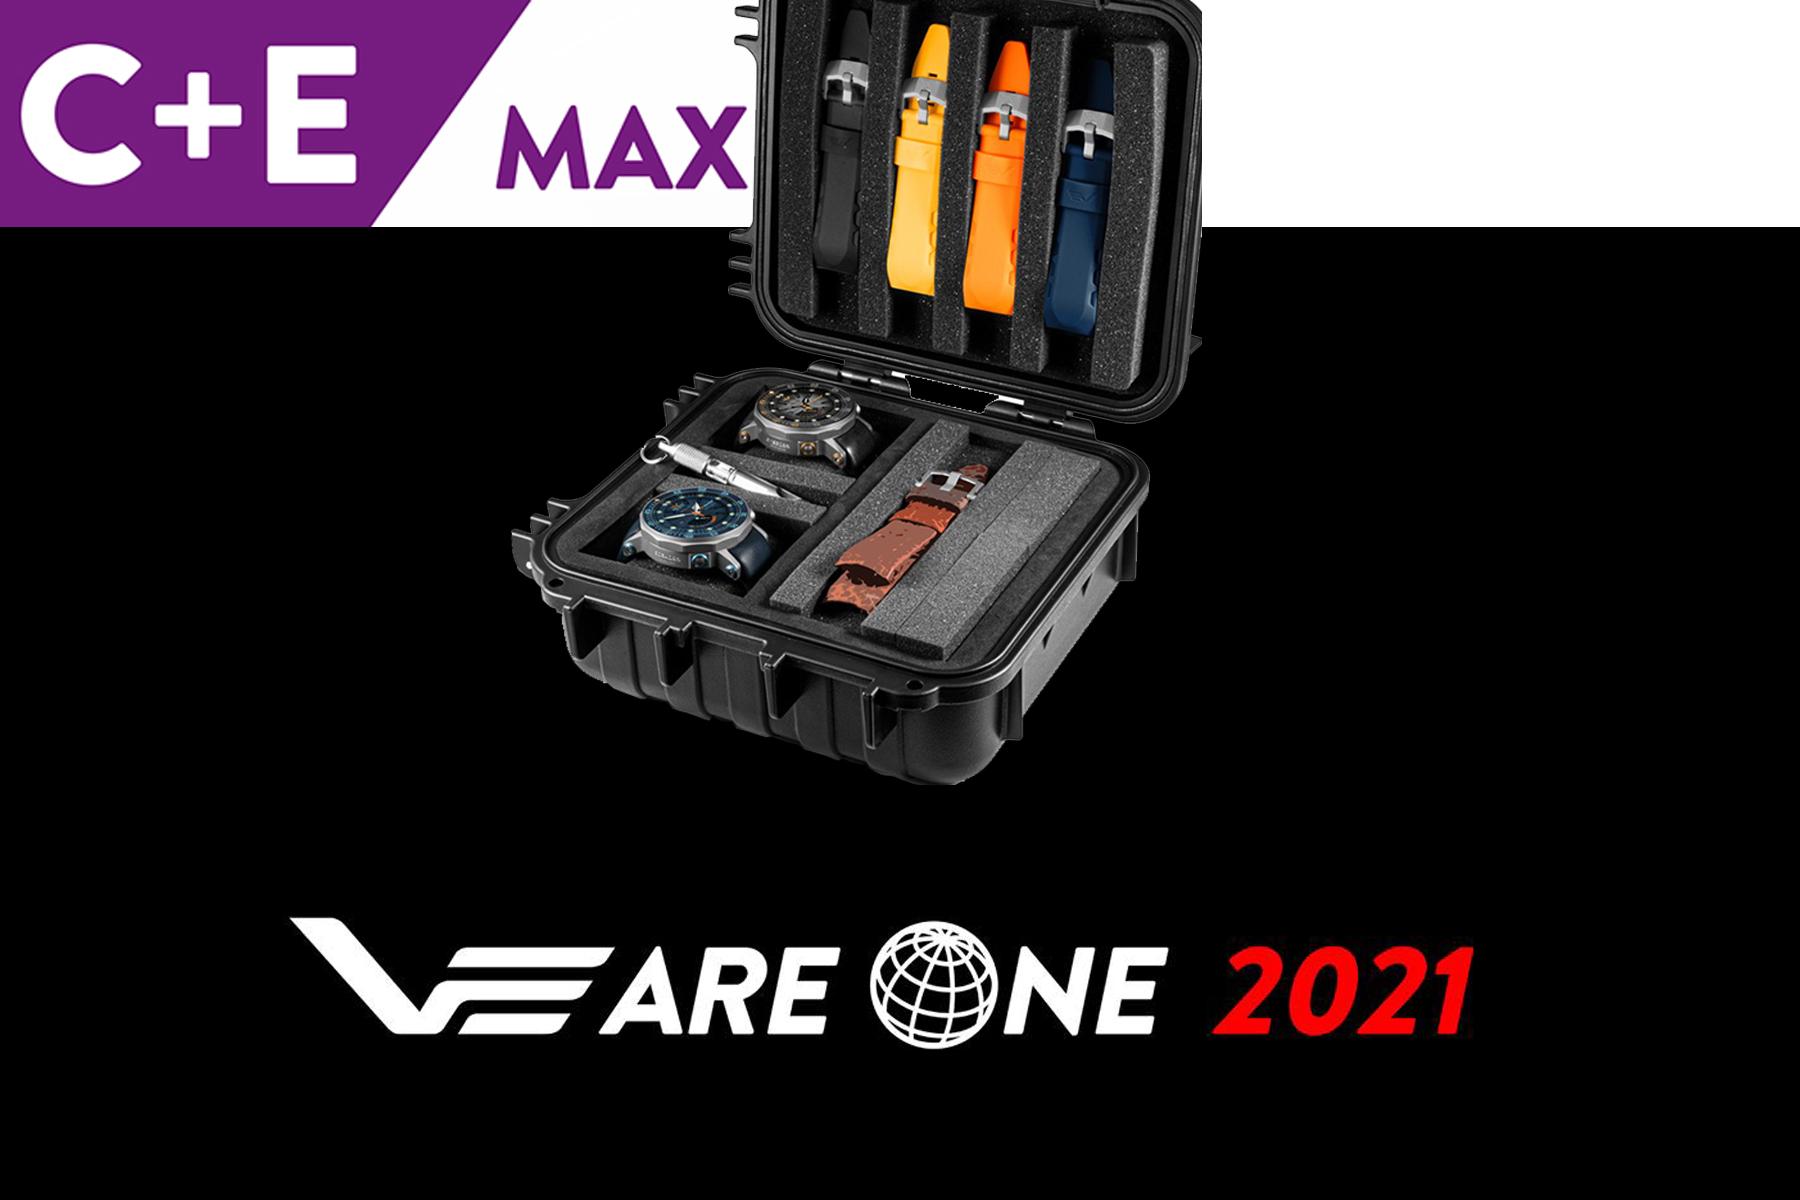 VEareONE 2021 C E max 44